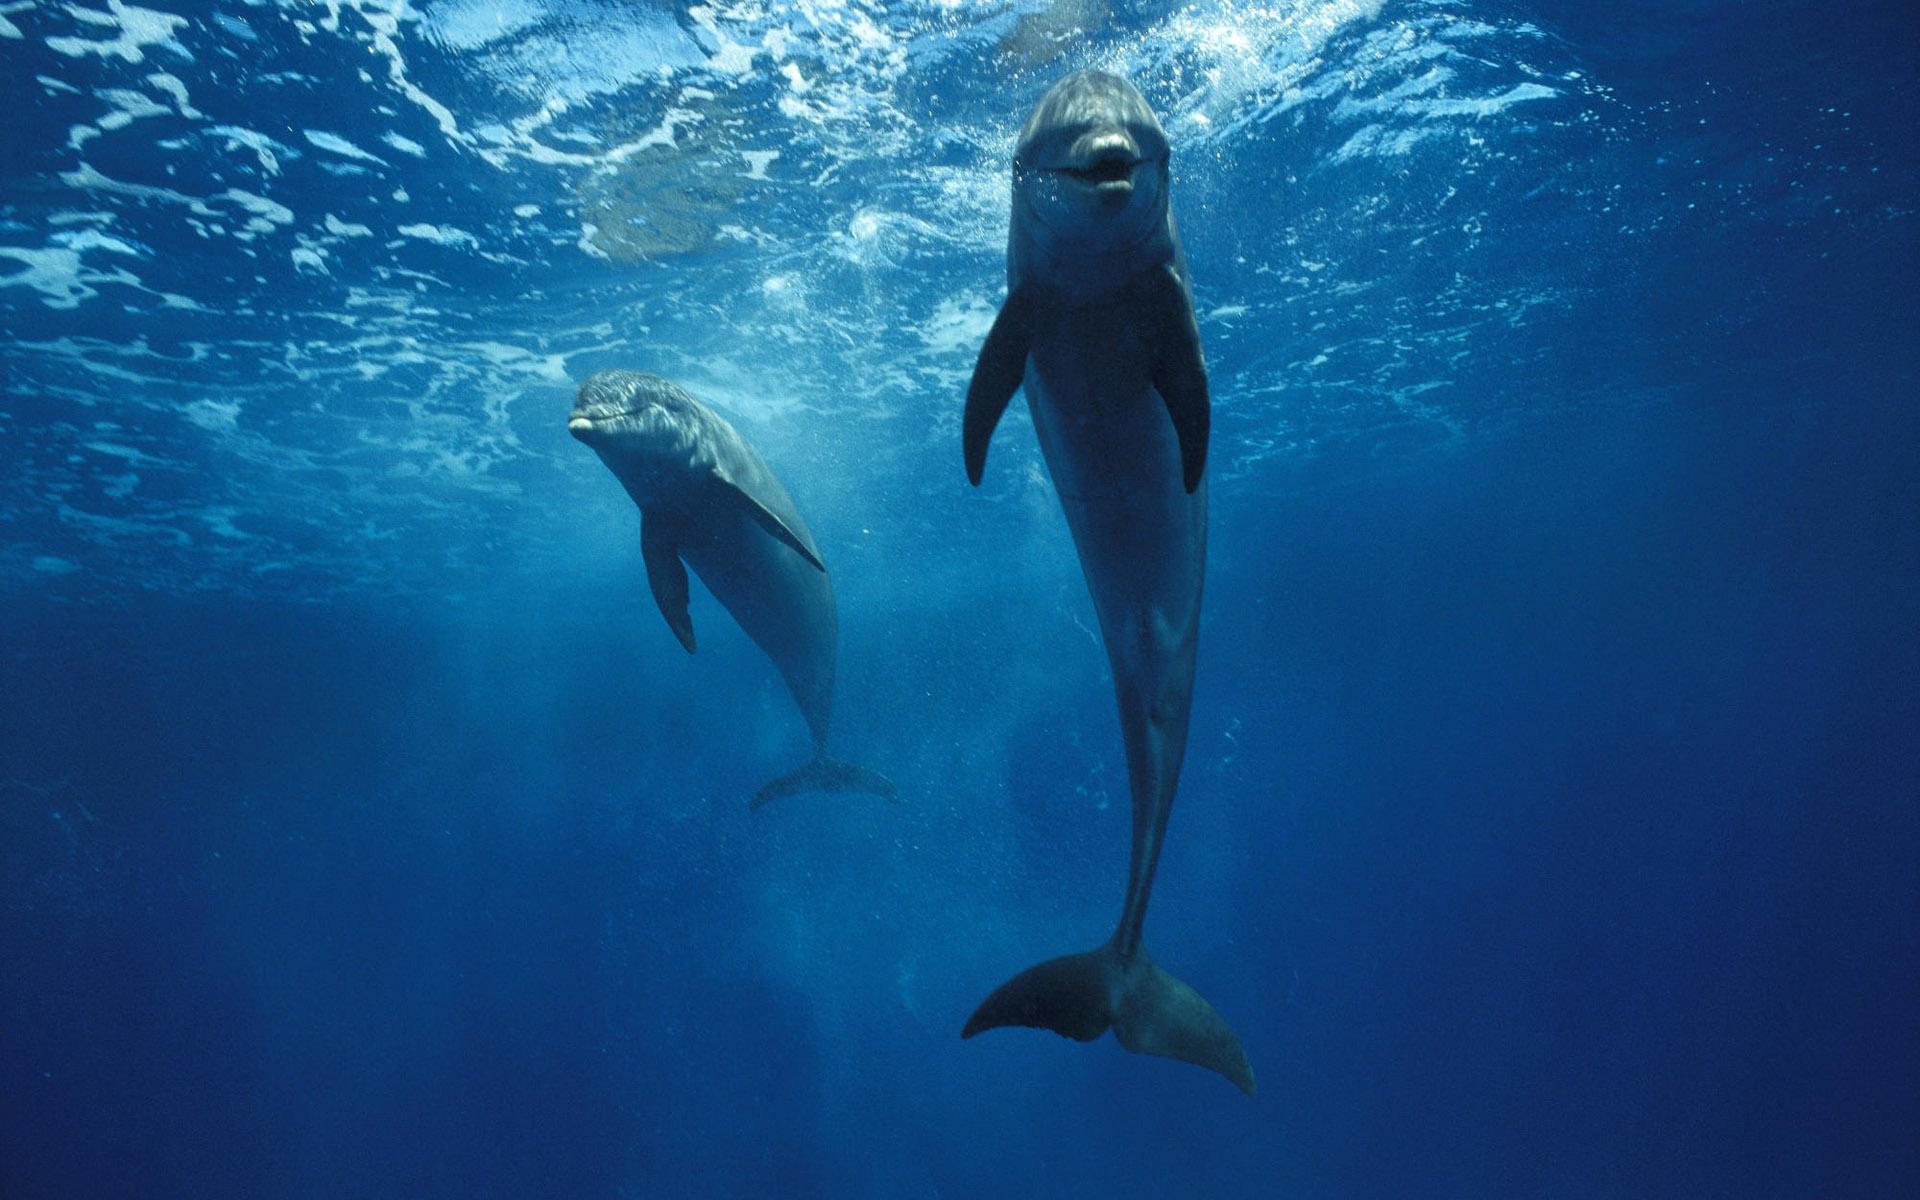 картинки с дельфинами под водой считали средством развлечения